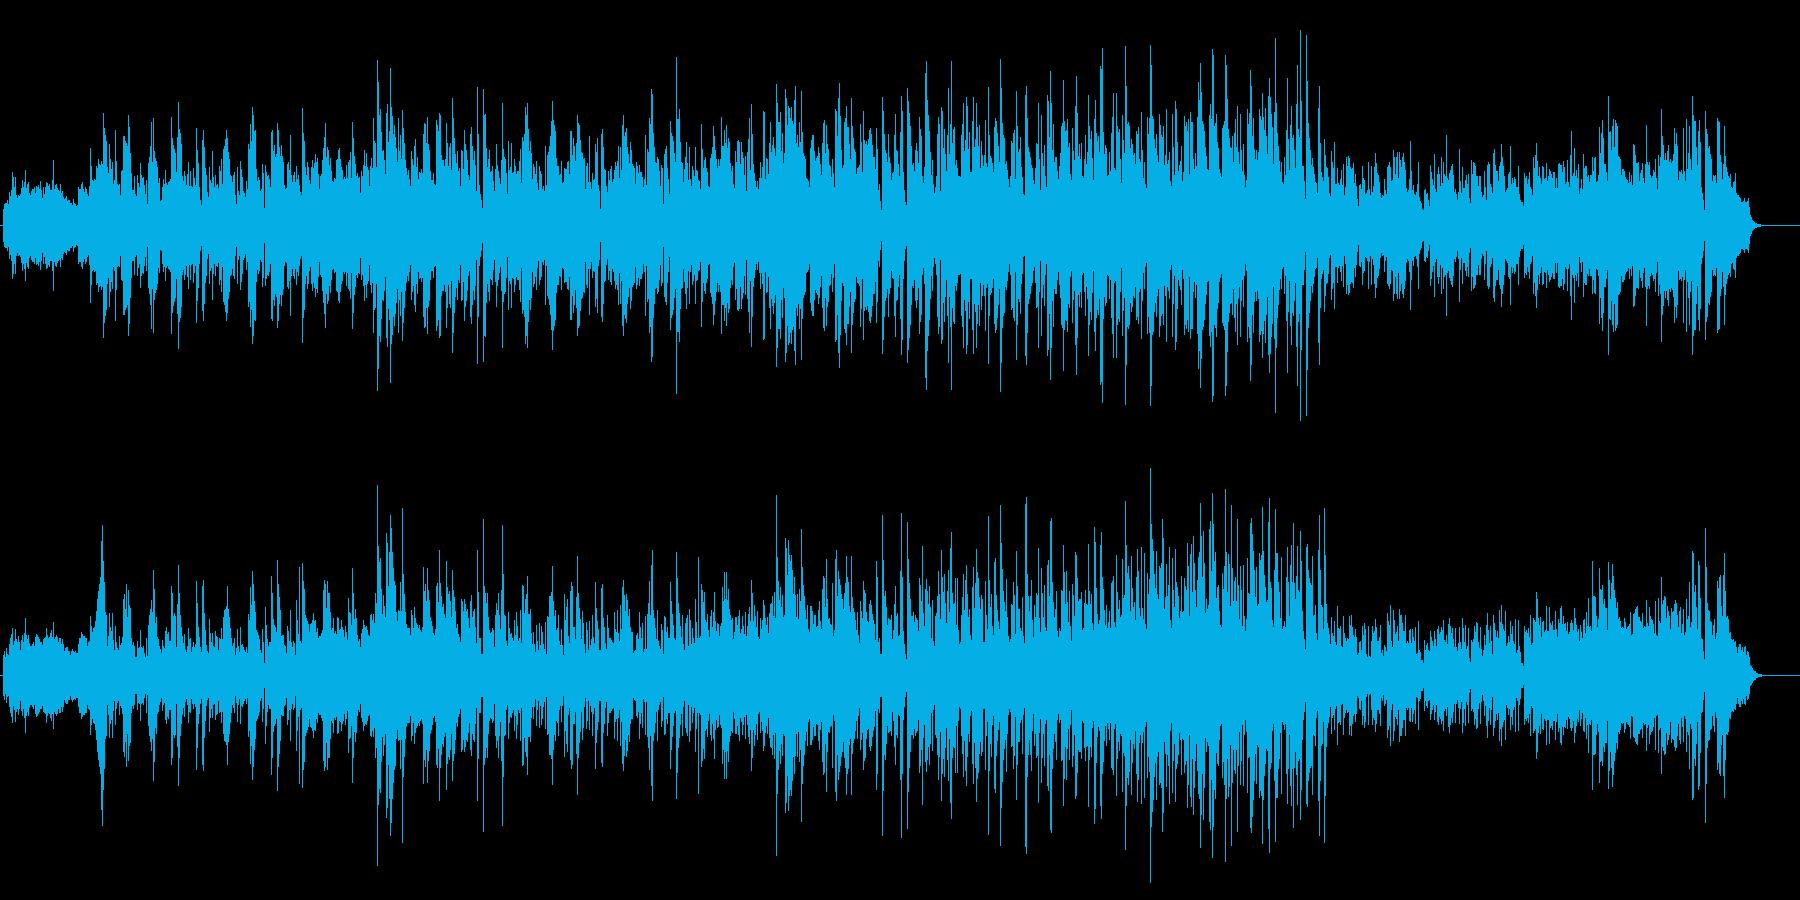 スモークやゴンドラでの登場を想定したBGの再生済みの波形